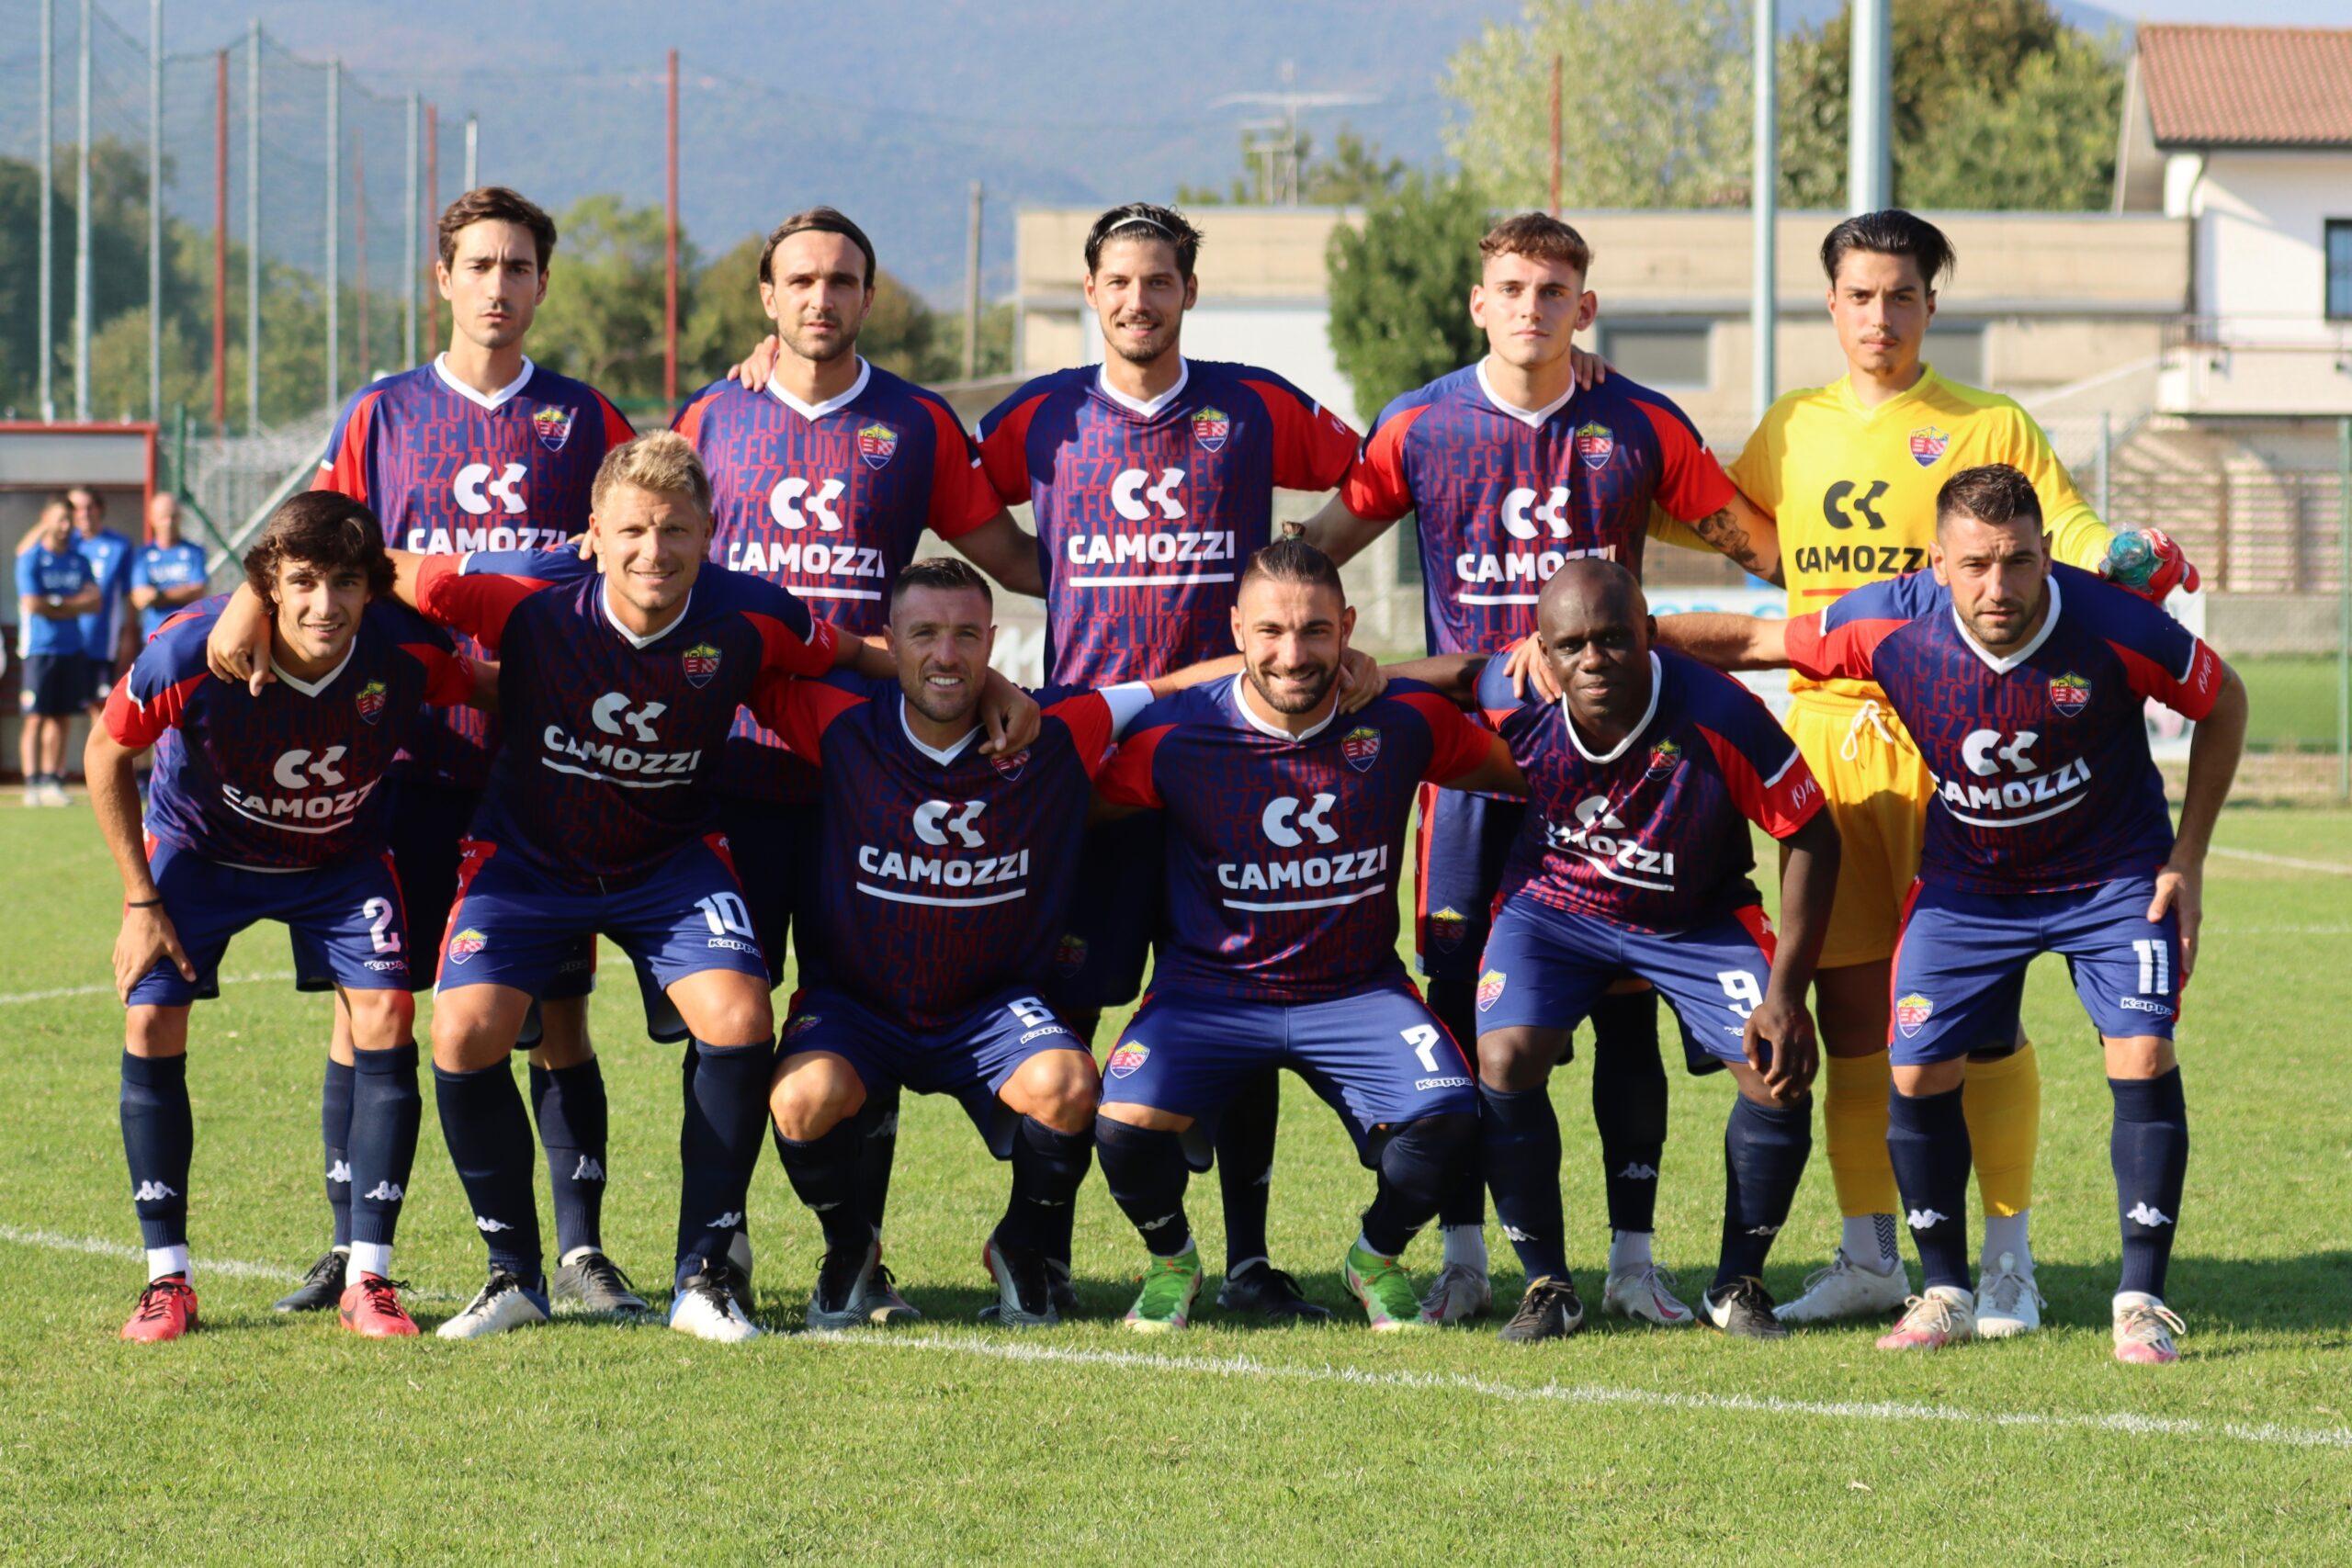 Coppa Italia | (4-9-21) | Bedizzolese – LUMEZZANE 2-2